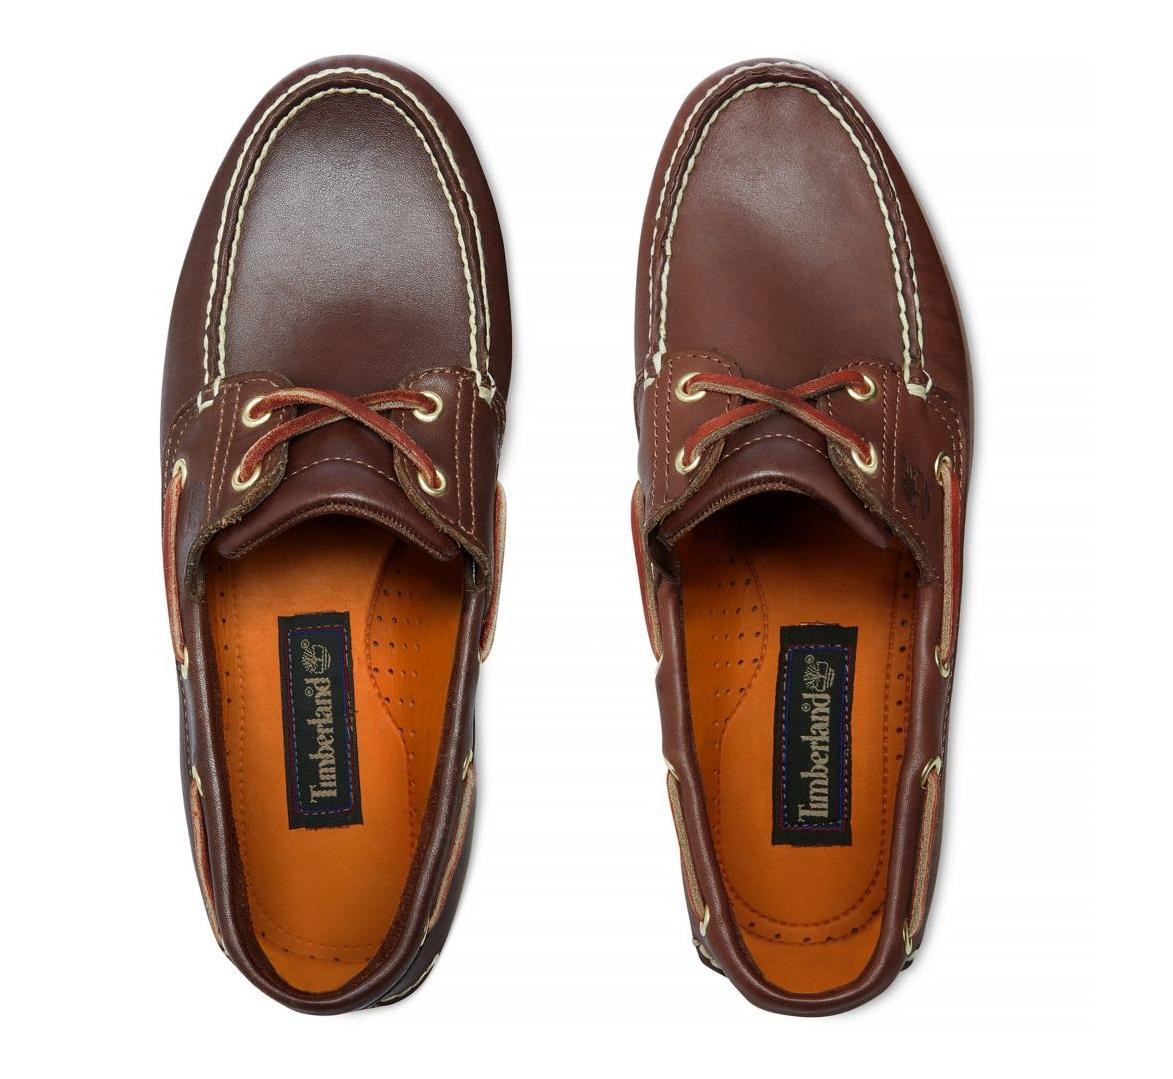 À Prix Timberland De En Achetez Cuir Bateau Classic Chaussures 8Bqz80w